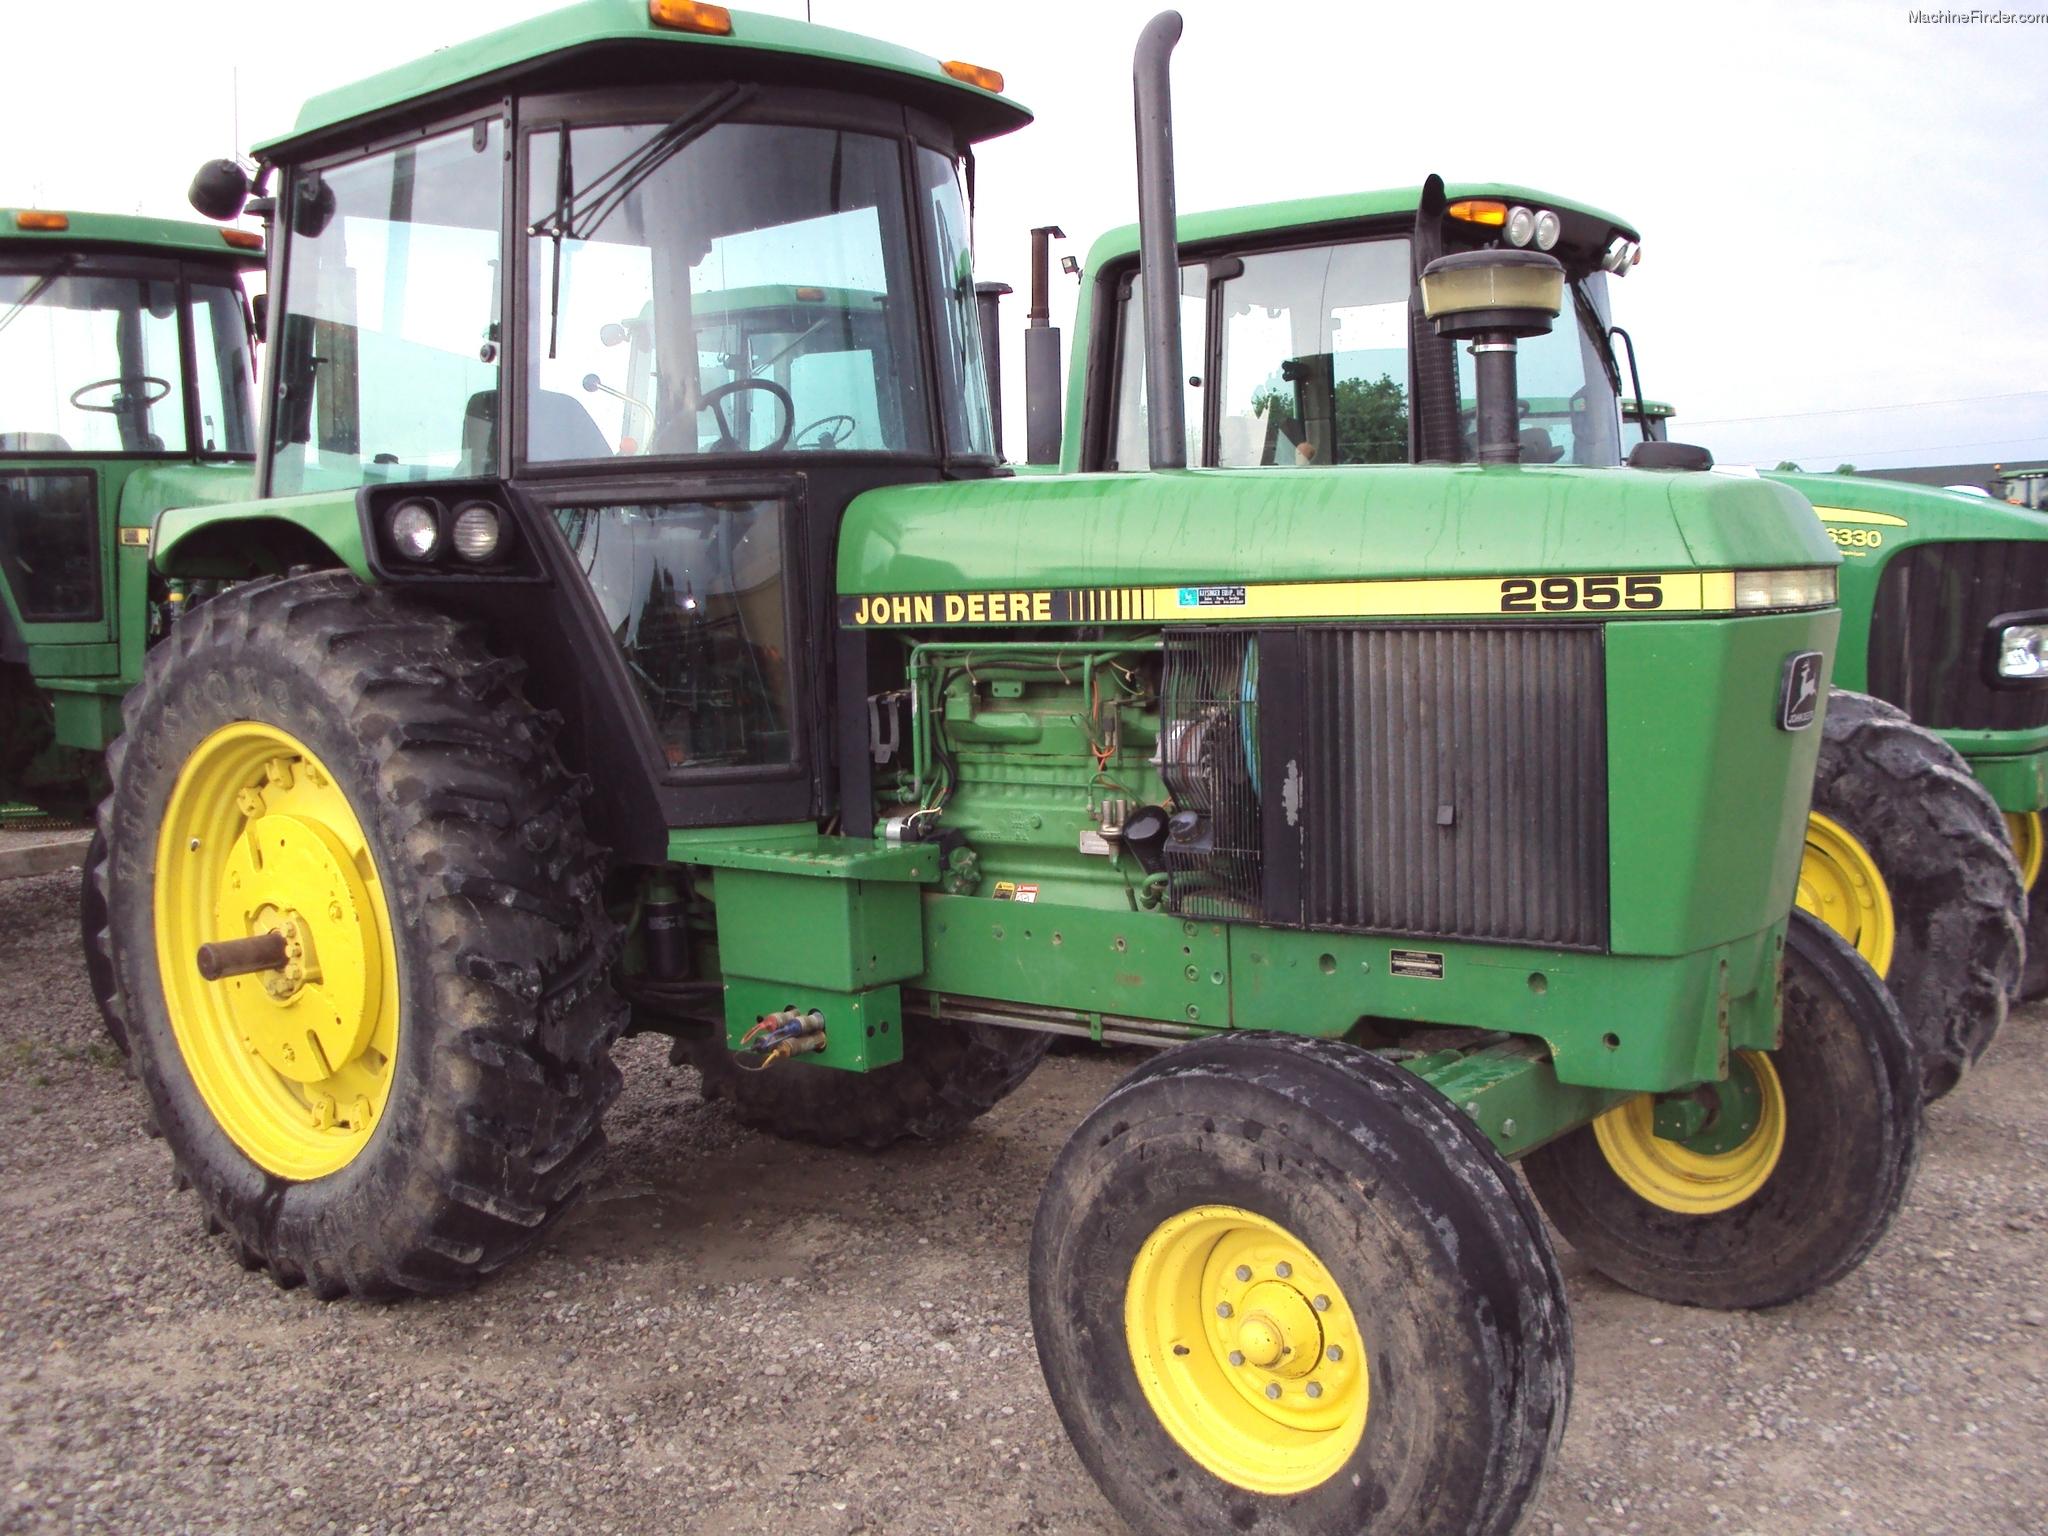 1989 John Deere 2955 Tractors - Utility  40-100hp